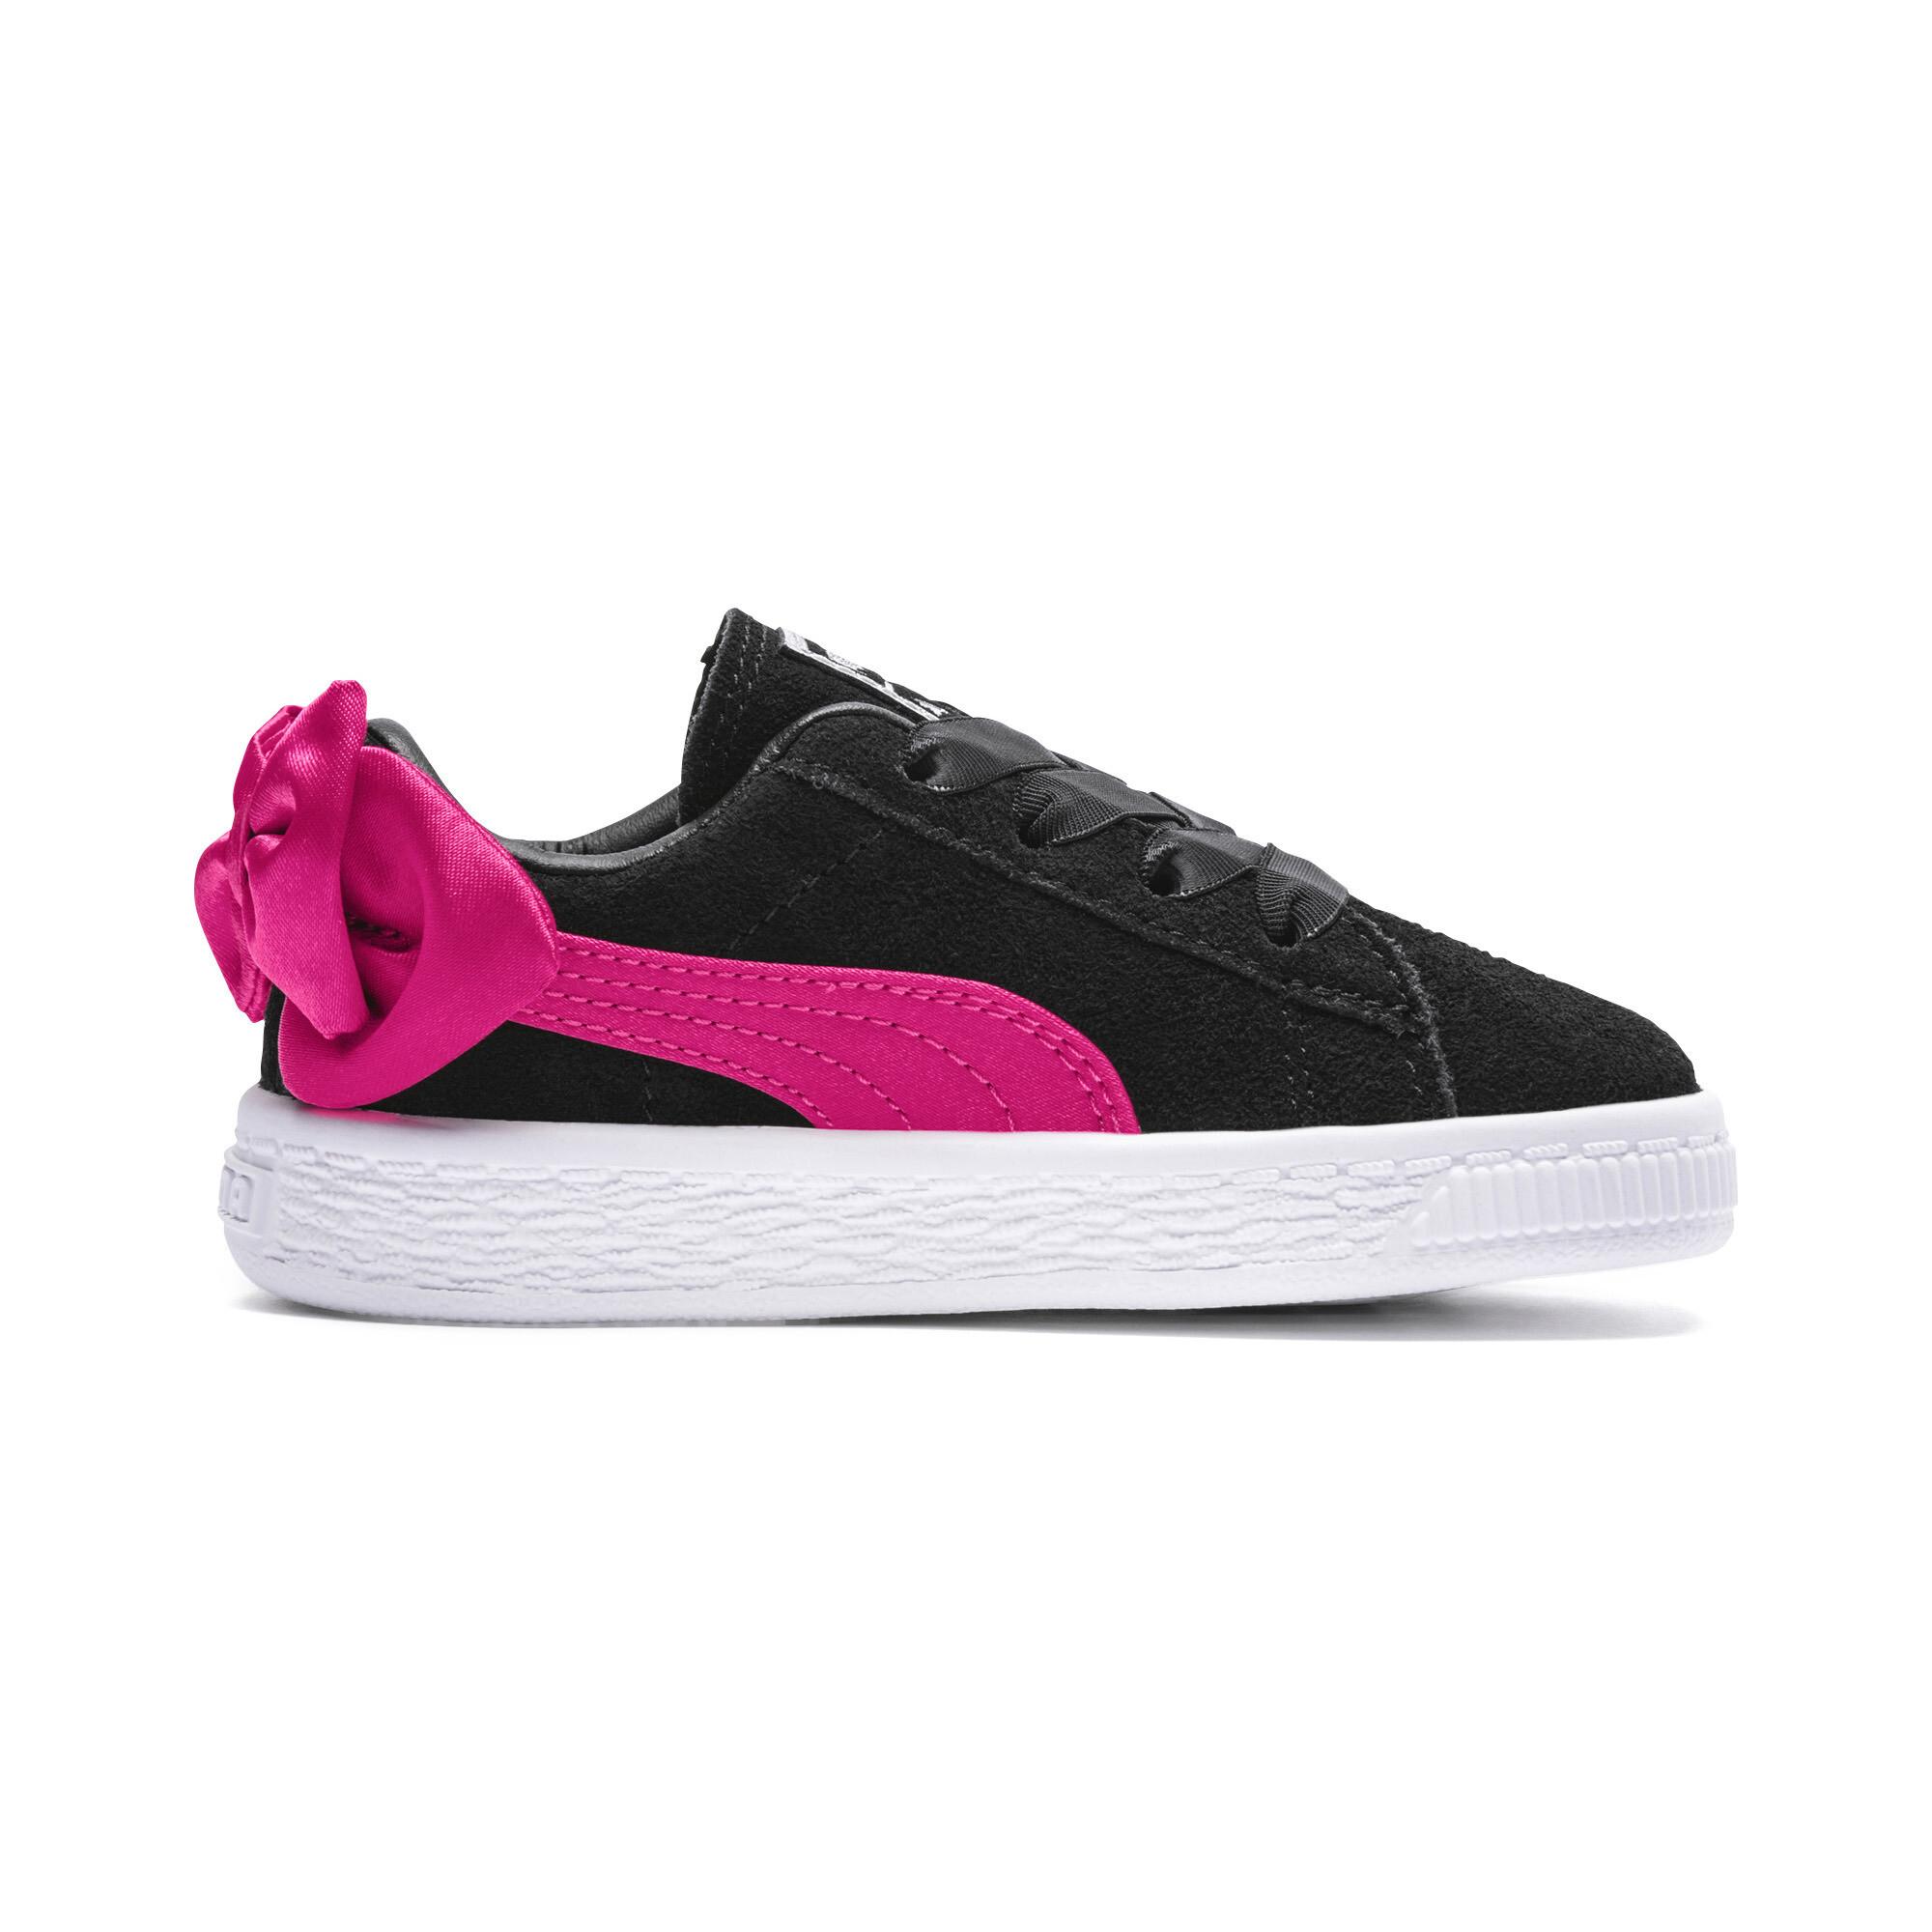 Image Puma Suede Bow Kids' Preschool Sneakers #5